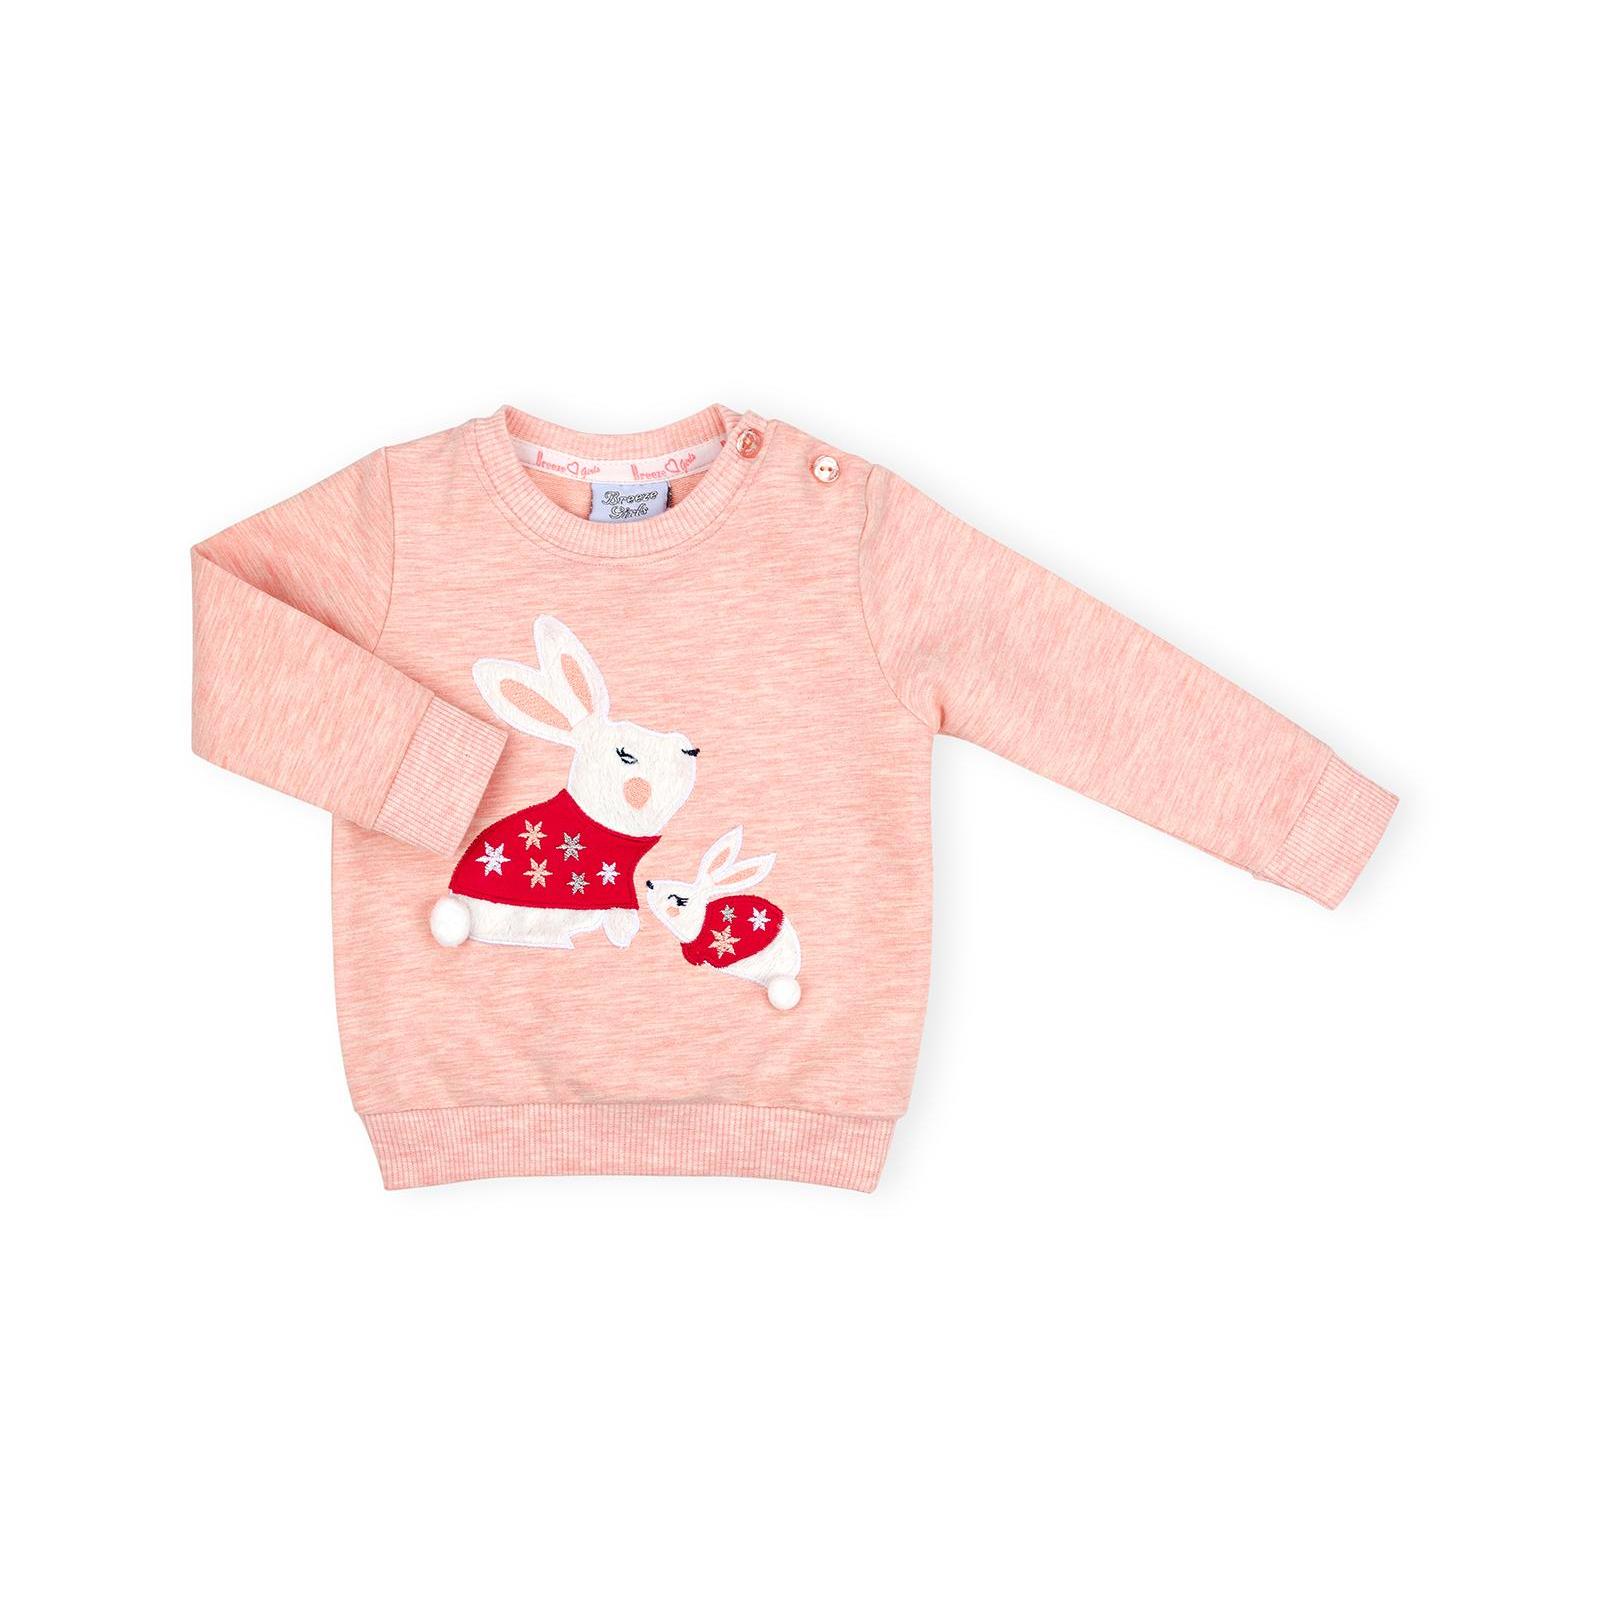 Набор детской одежды Breeze с зайчиками (10214-92G-peach) изображение 2